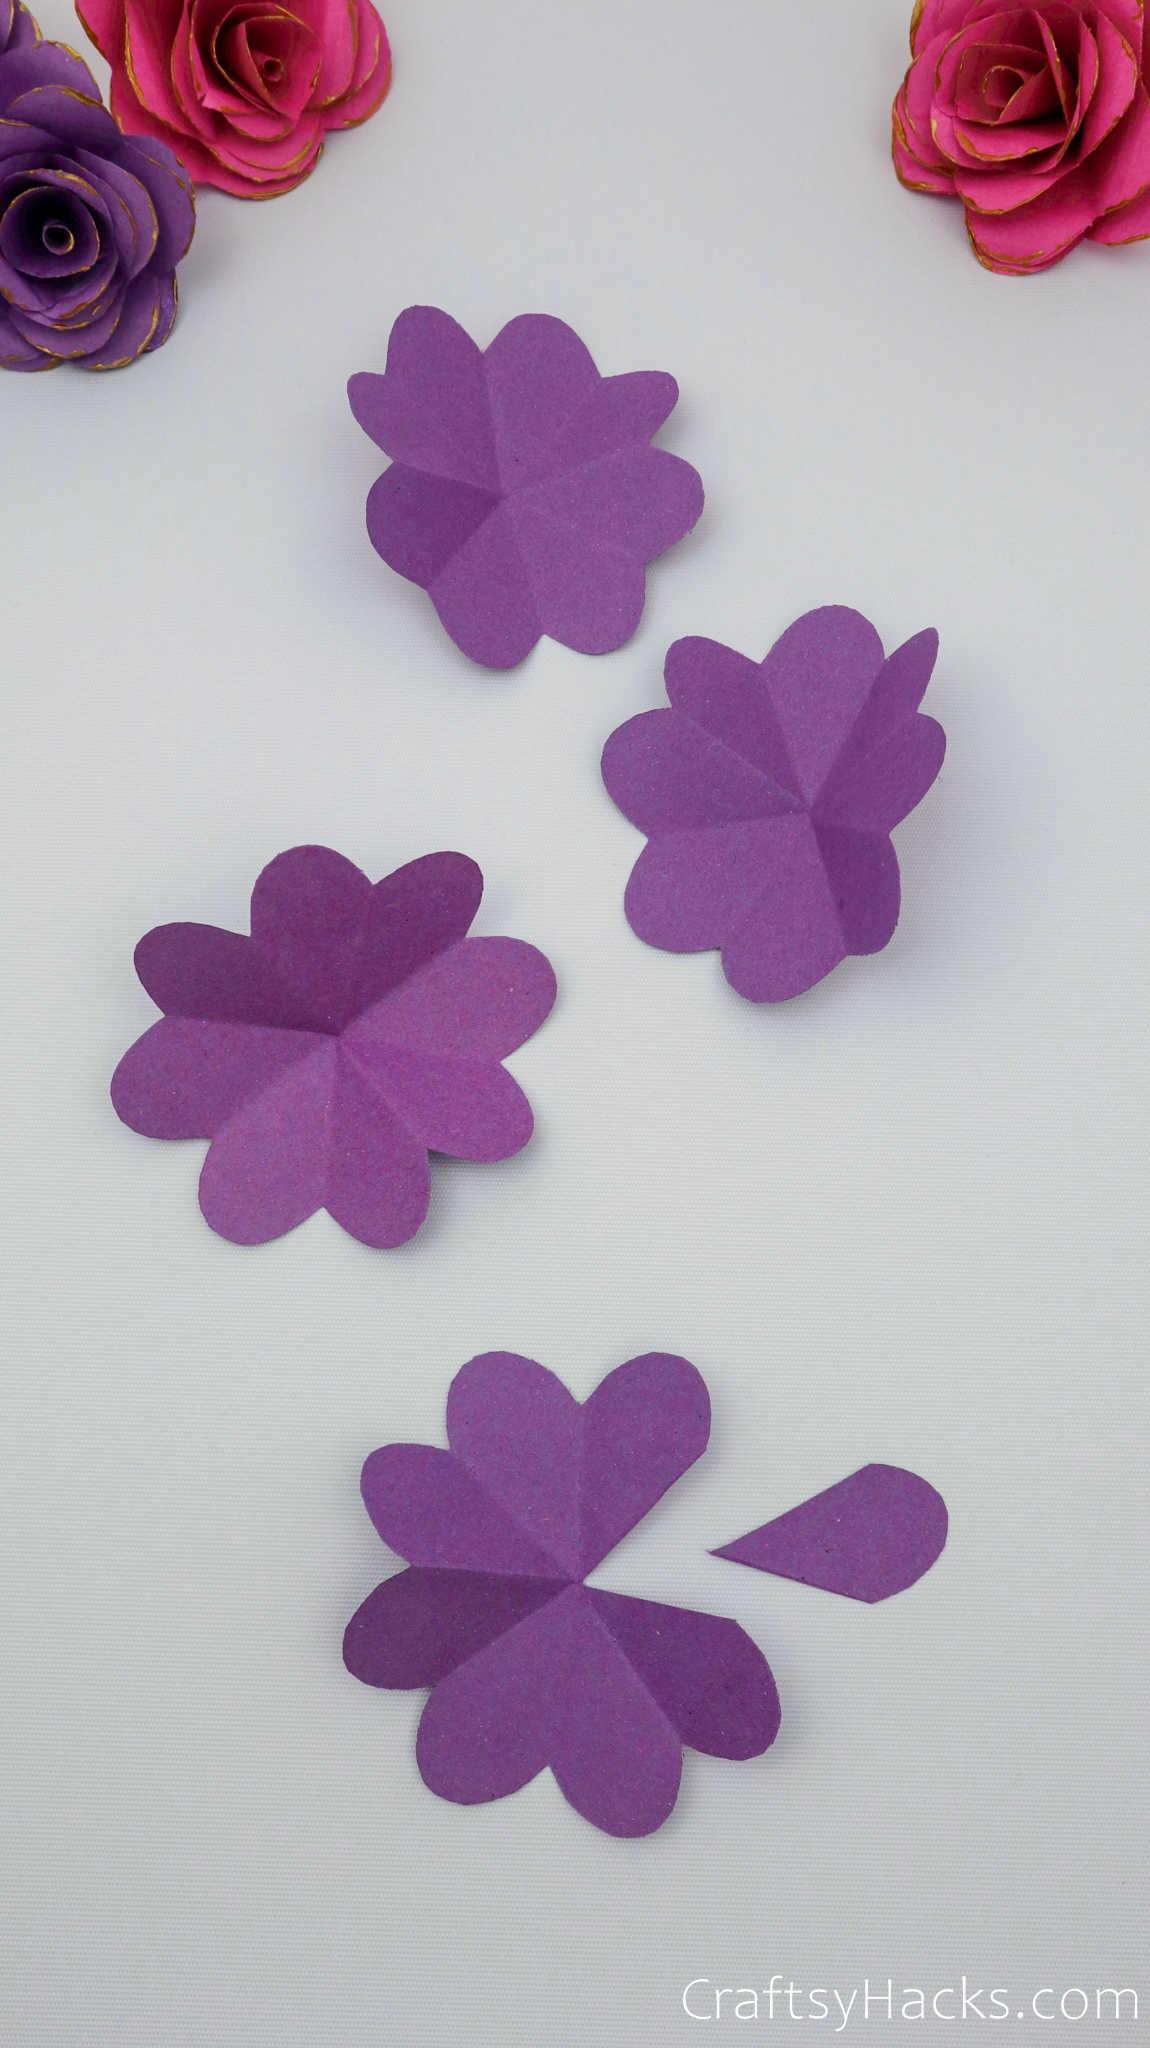 4 purple paper flowers